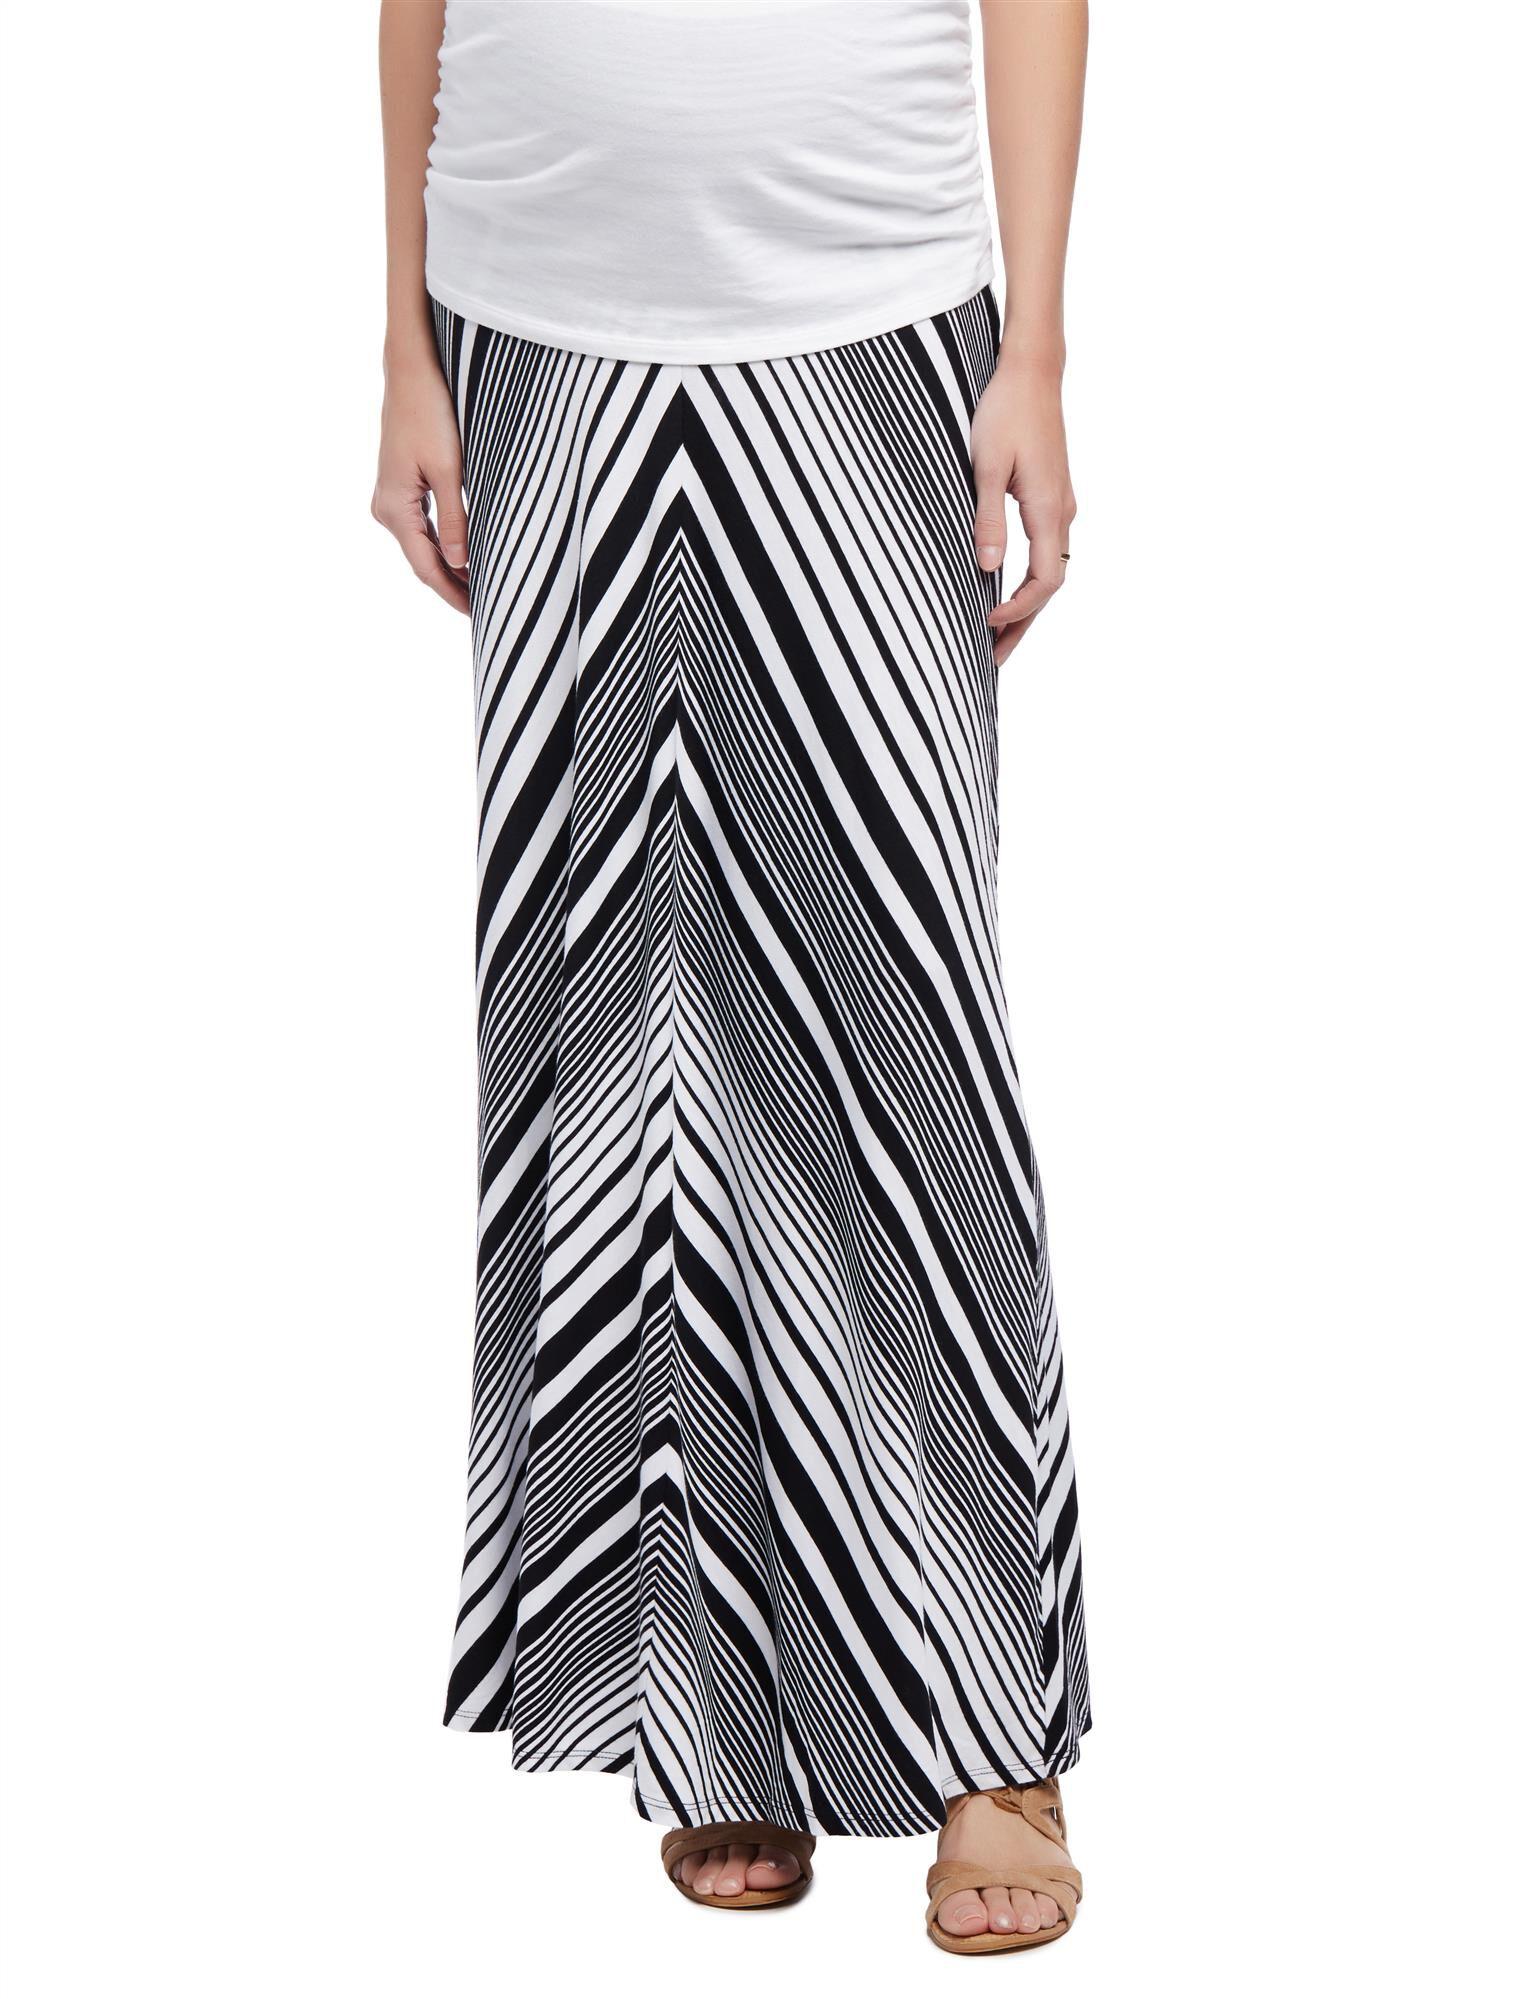 Fold Over Belly Maternity Maxi Skirt- Black/White Stripe